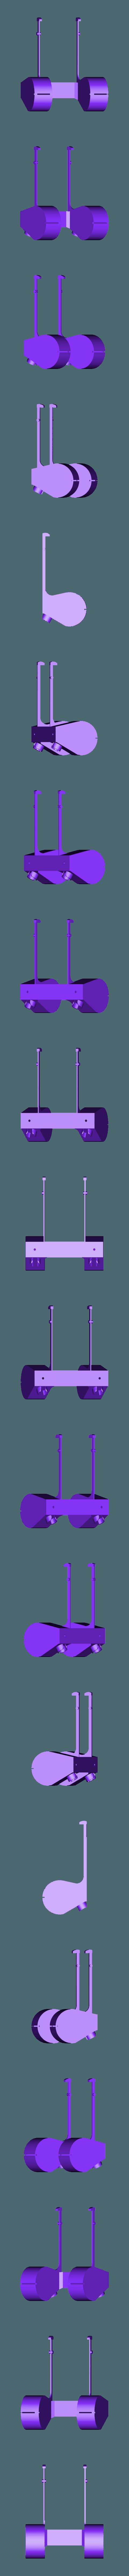 BoatLeverV3.stl Télécharger fichier STL gratuit Bateau à pagaies • Objet à imprimer en 3D, Pwentey